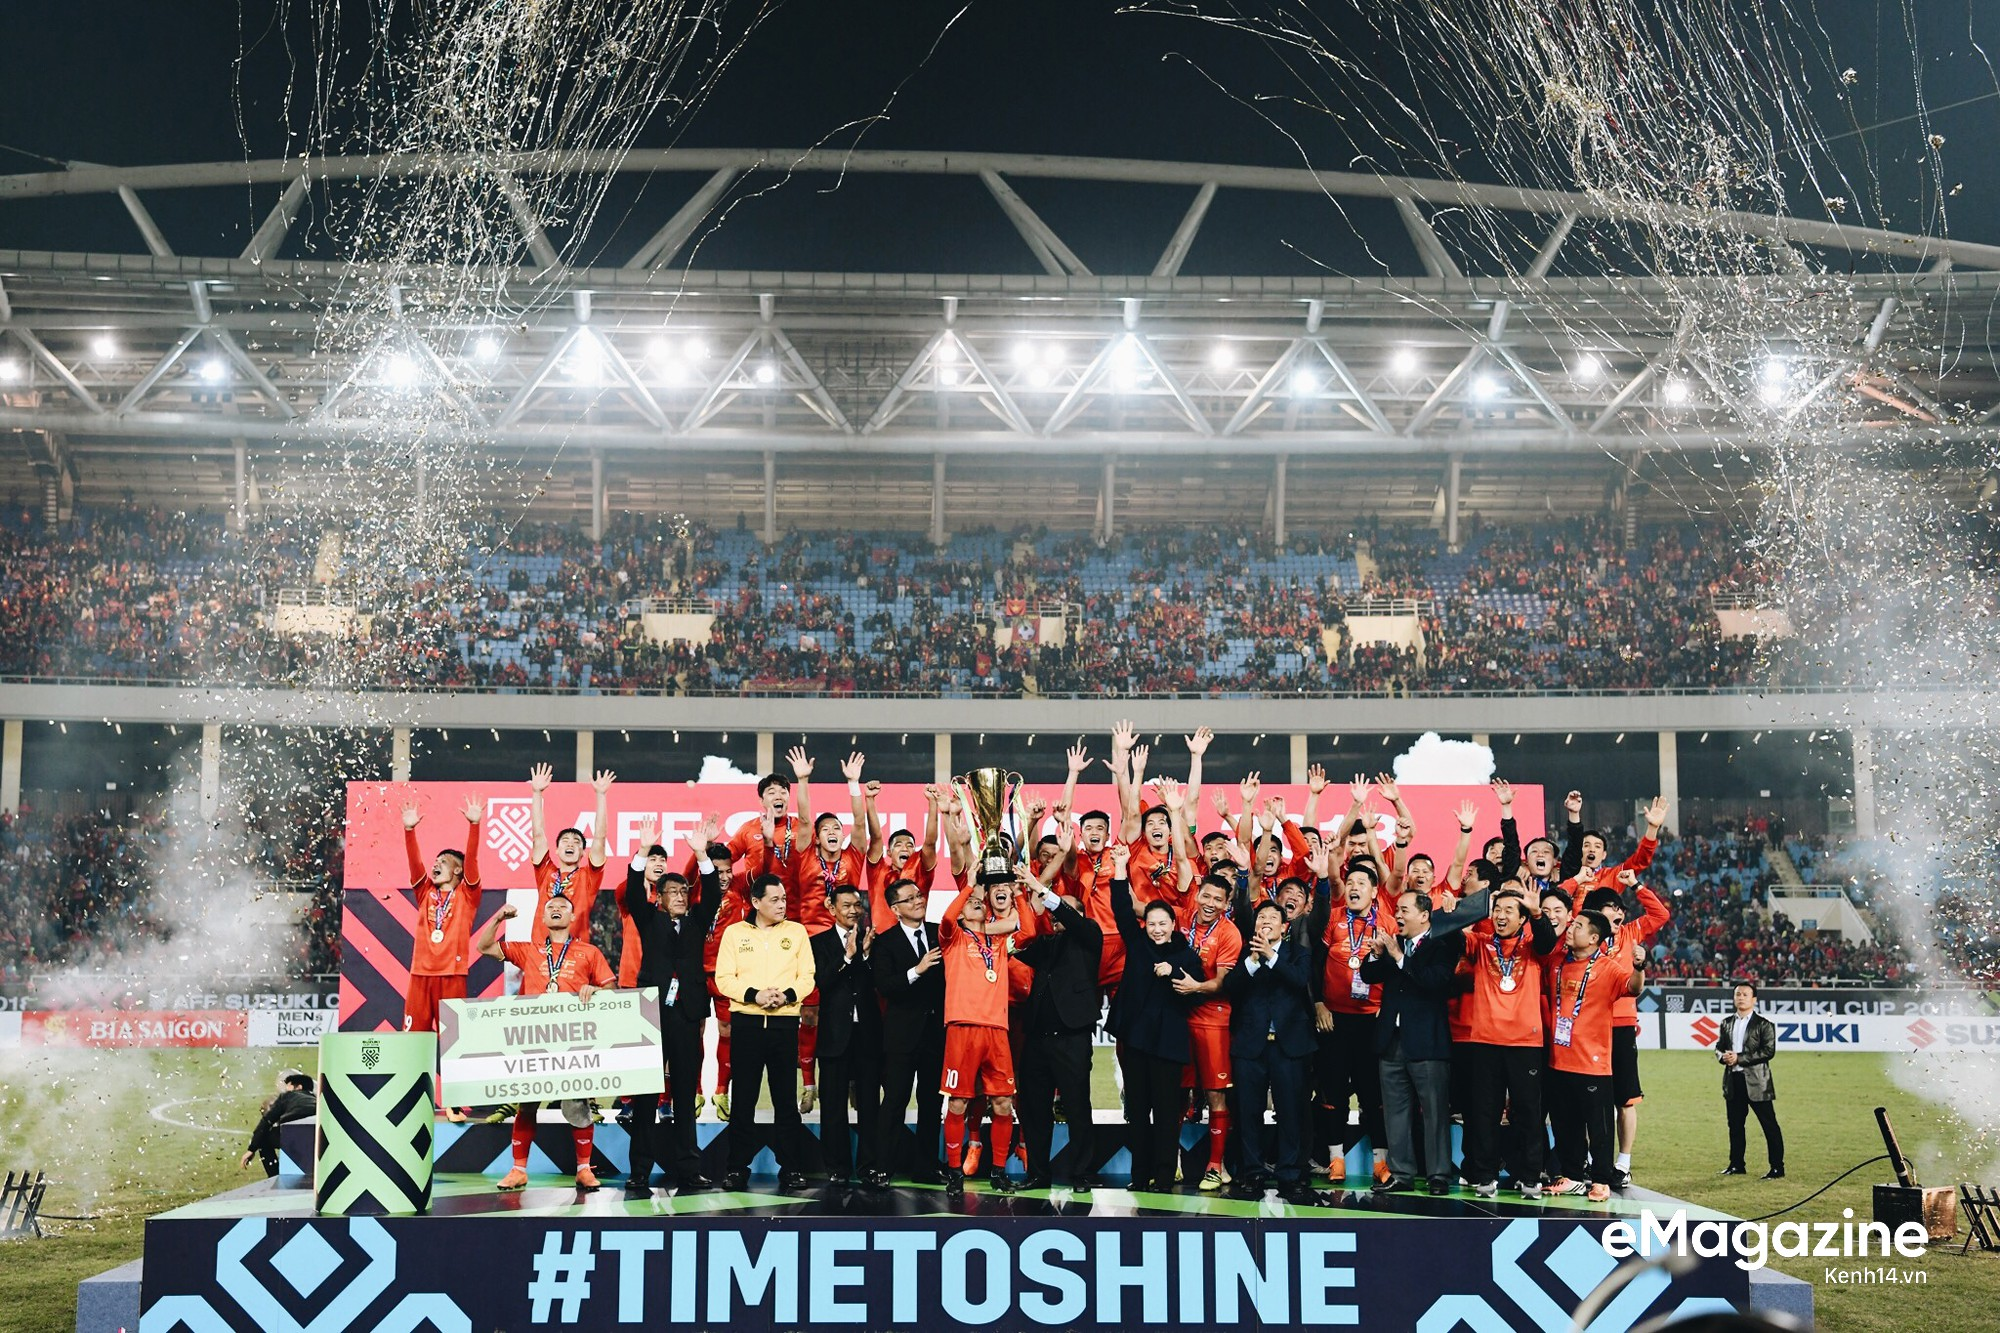 Không chỉ là cúp vàng hôm nay, thế hệ bóng đá Việt Nam mới mang tới cho ta niềm tin vào những thứ tốt đẹp hơn - Ảnh 14.